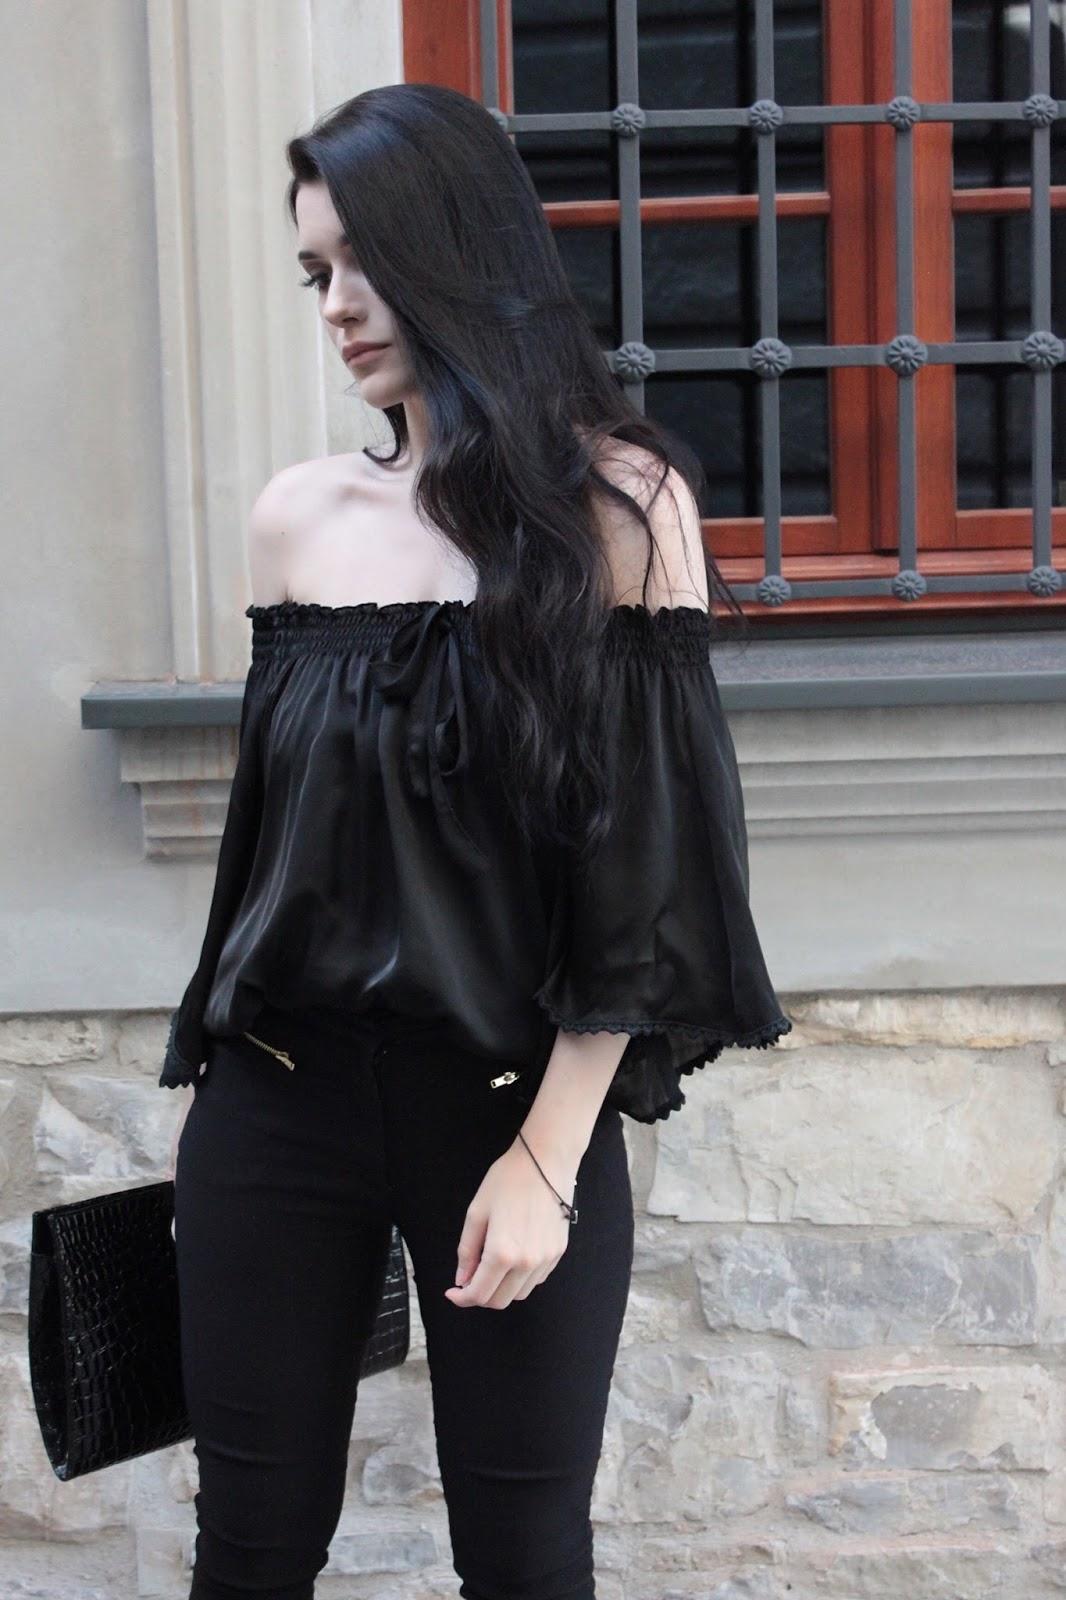 minimalizm, total black, stylizacja